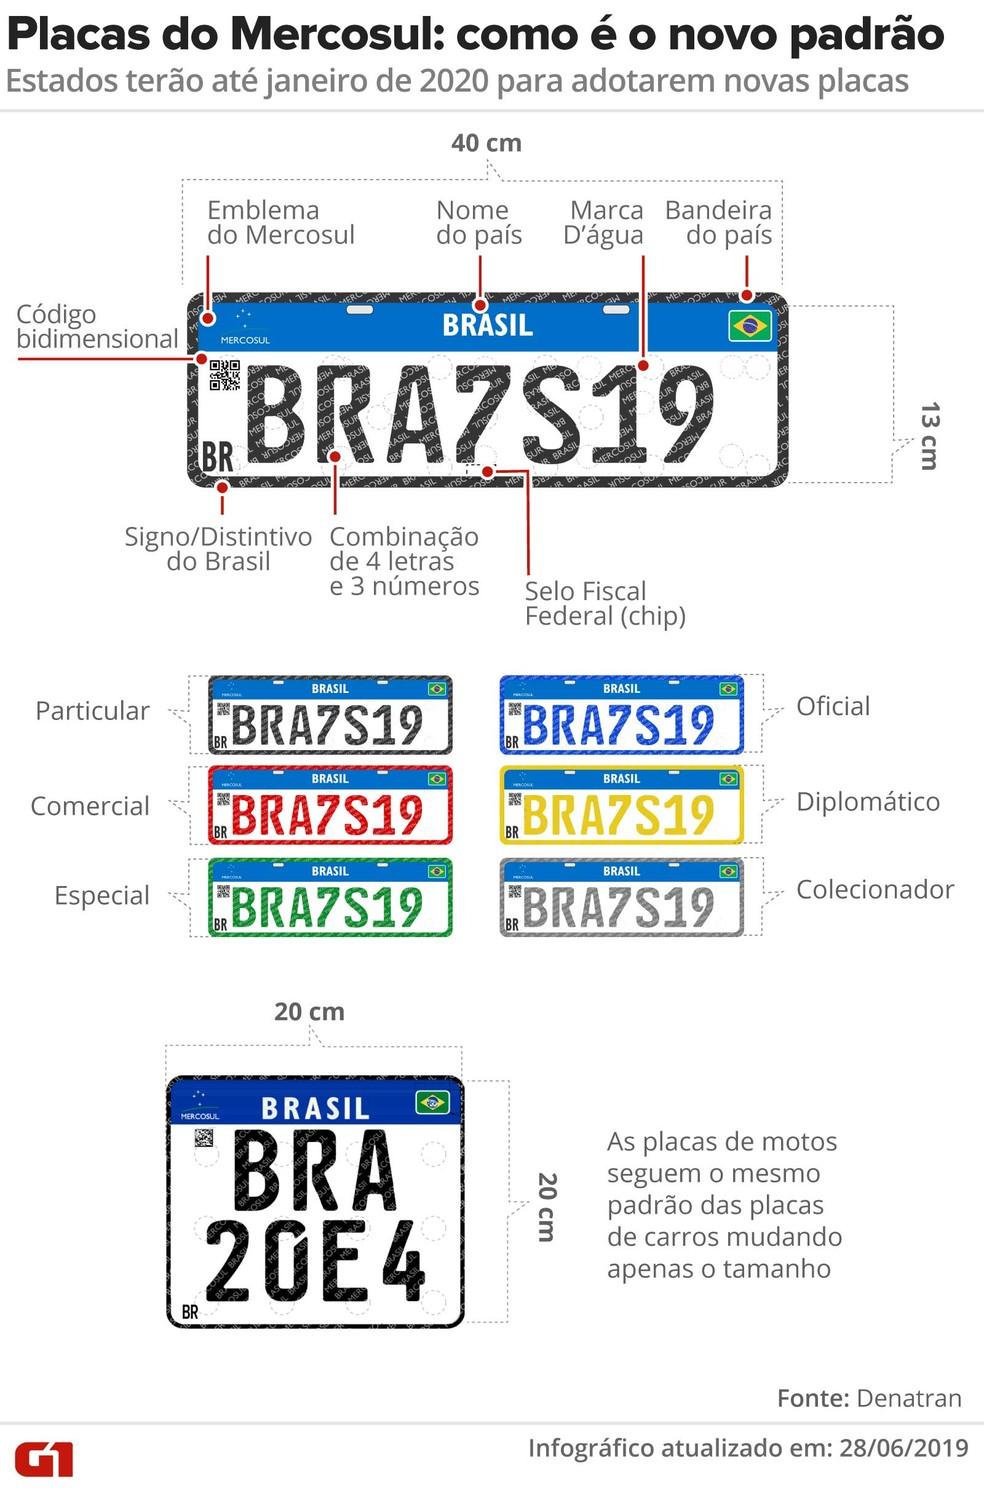 Novo padrão de placas promete mais segurança. — Foto:  Karina Almeida, Claudia Peixoto e Juliane Souza/G1